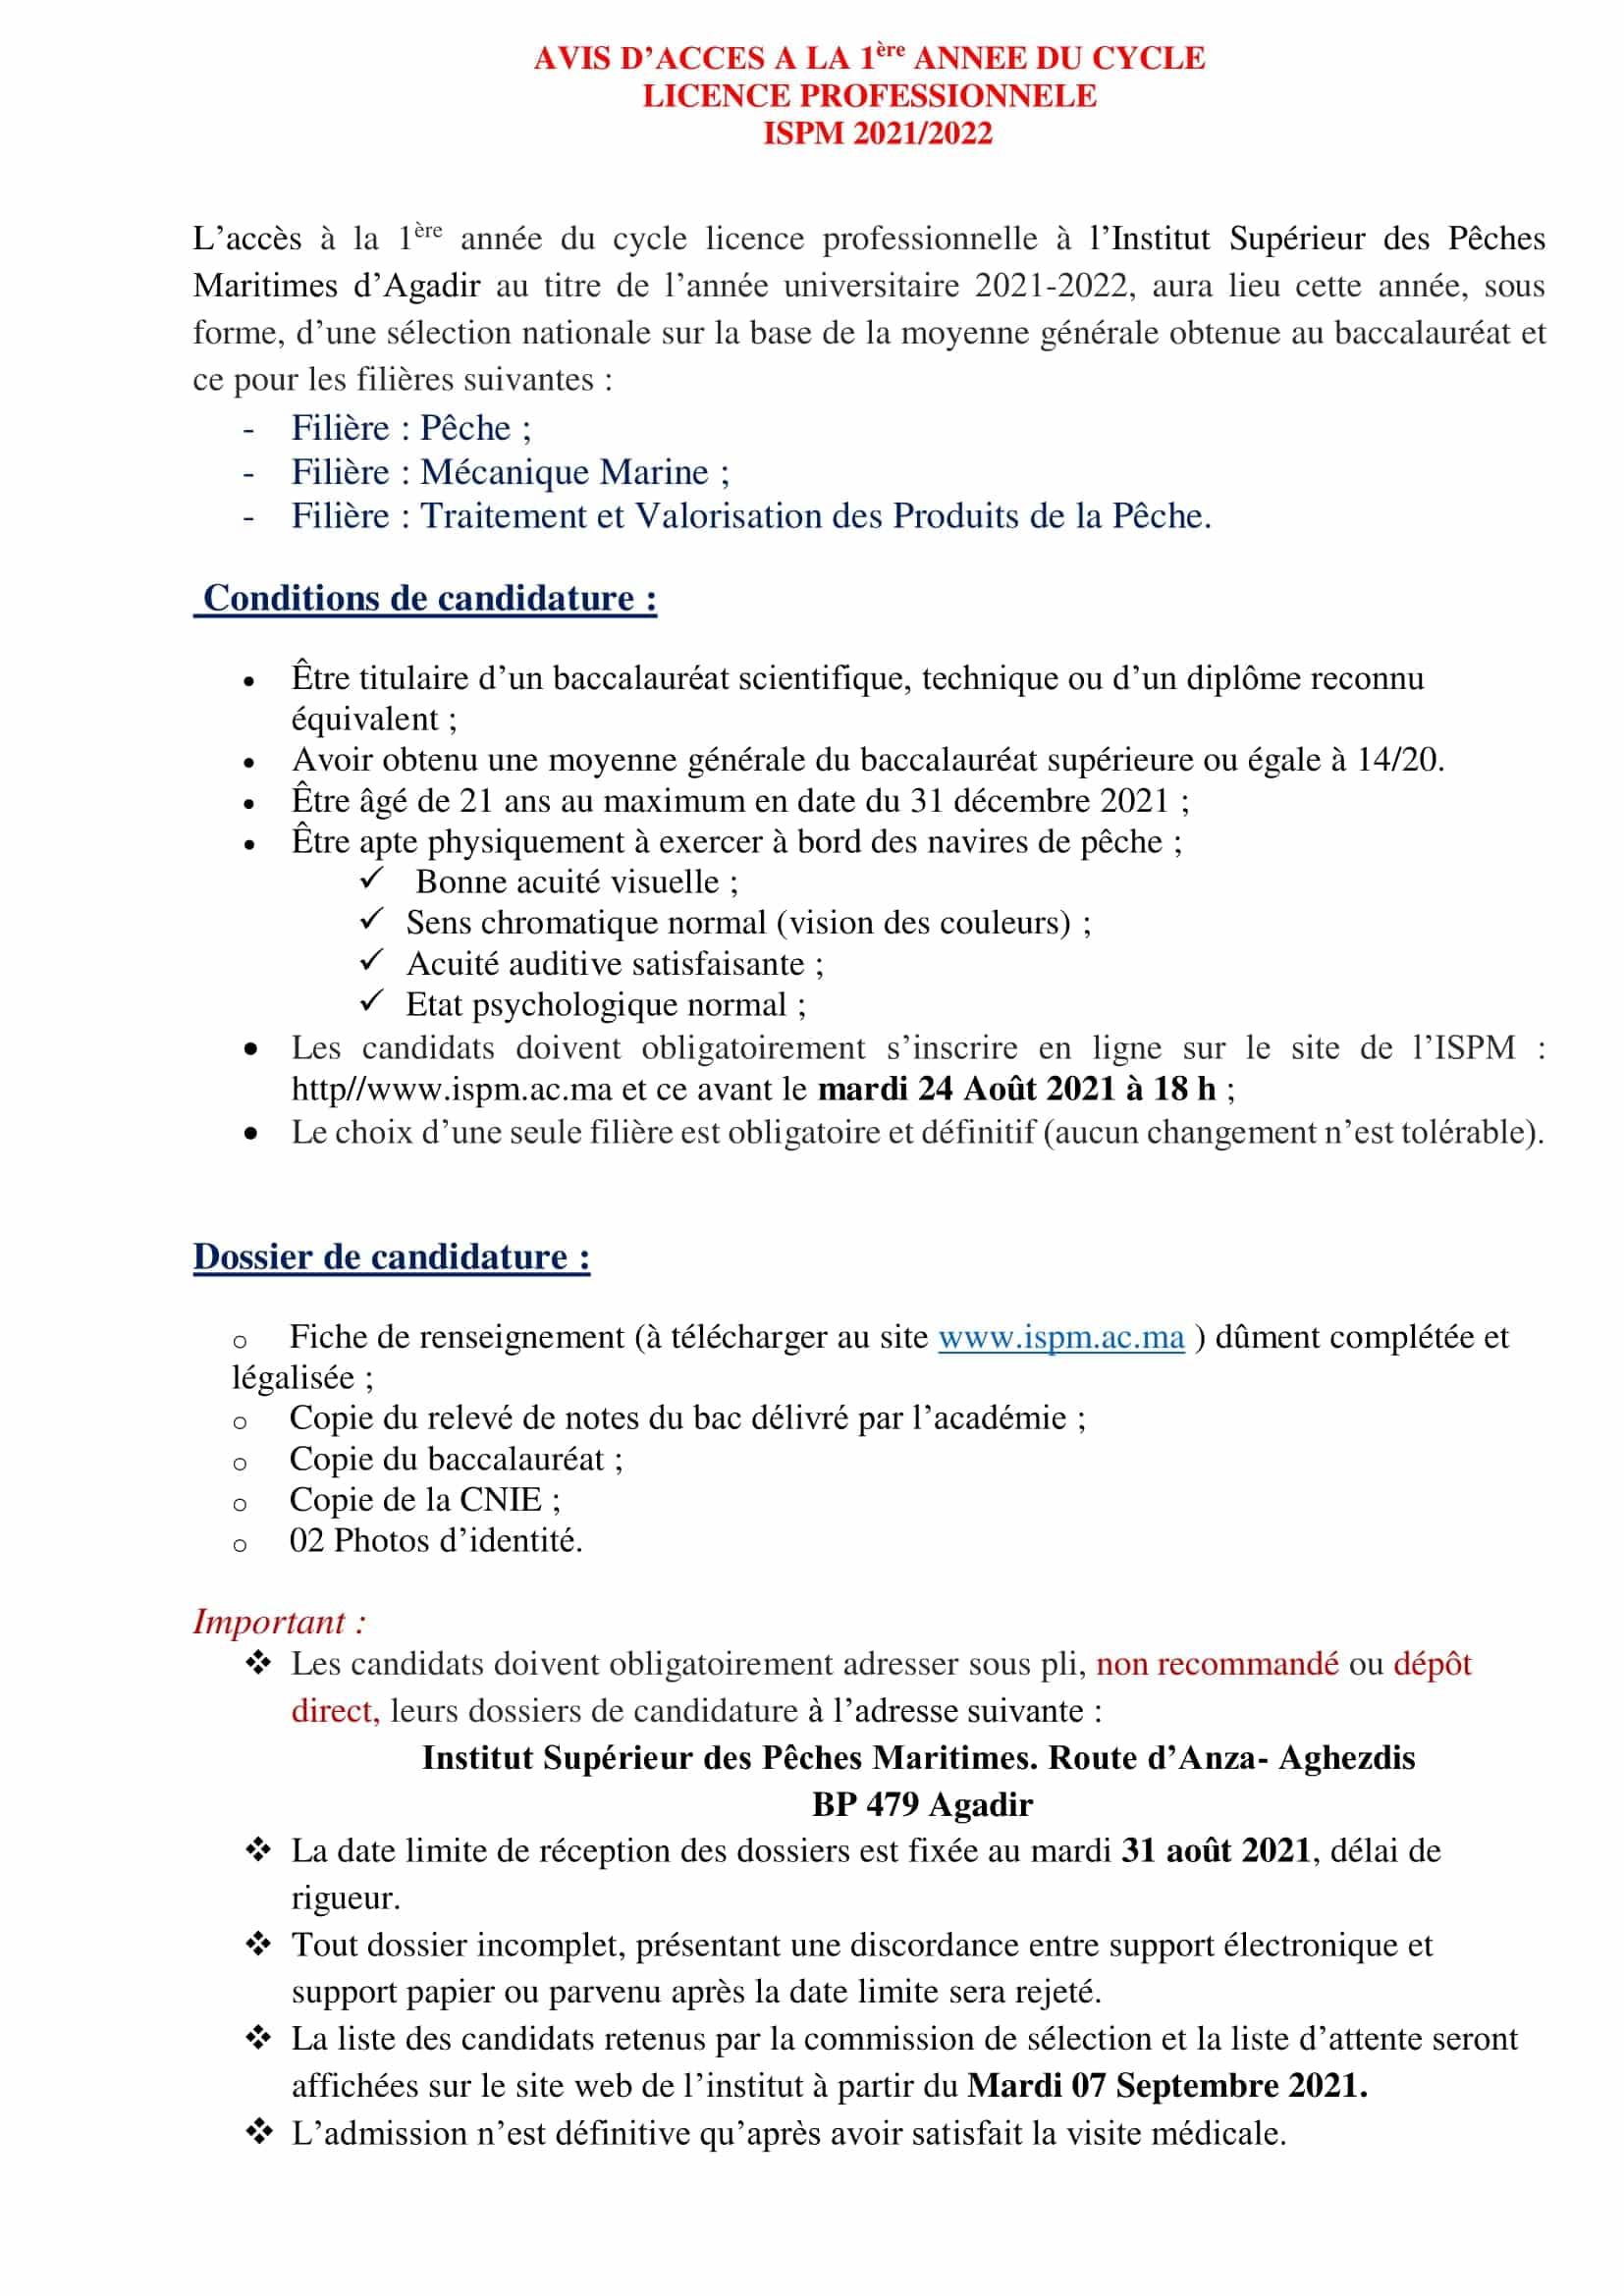 AVIS 1 Inscription Concours ISPM Agadir 2021/2022